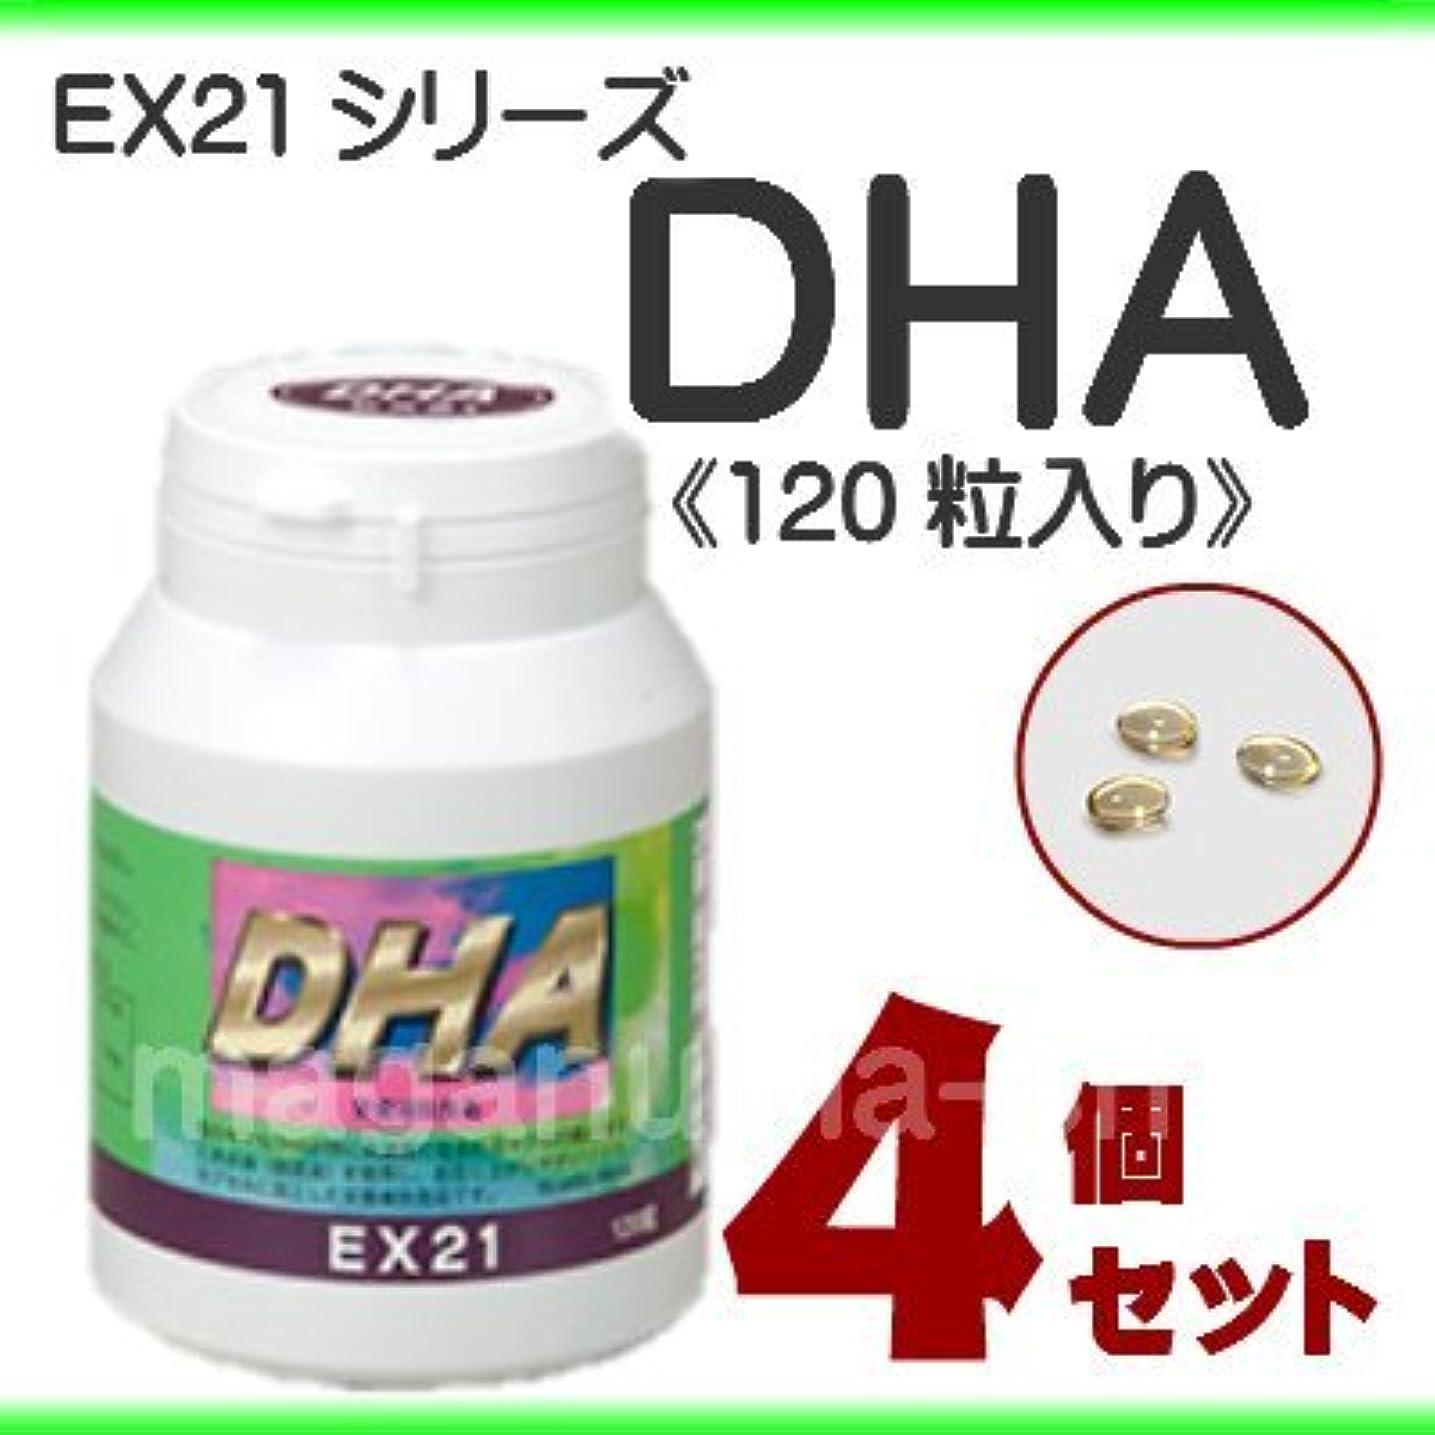 昆虫を見るつまらない料理をするEX21シリーズ DHA 4個セット